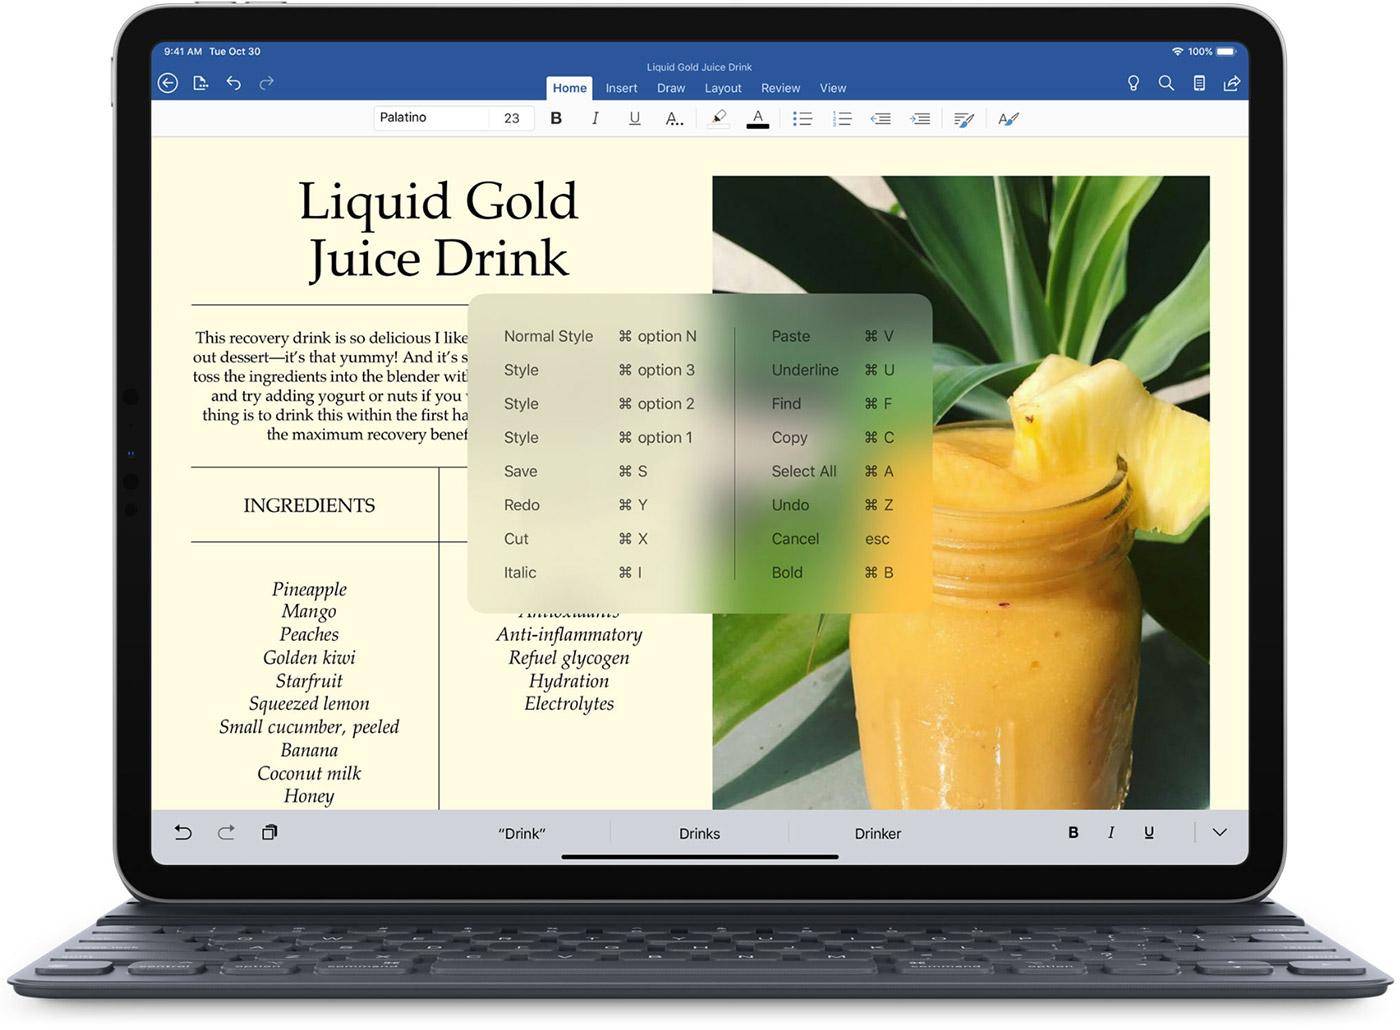 Los accesos directos aparecen en Microsoft Word en el iPad